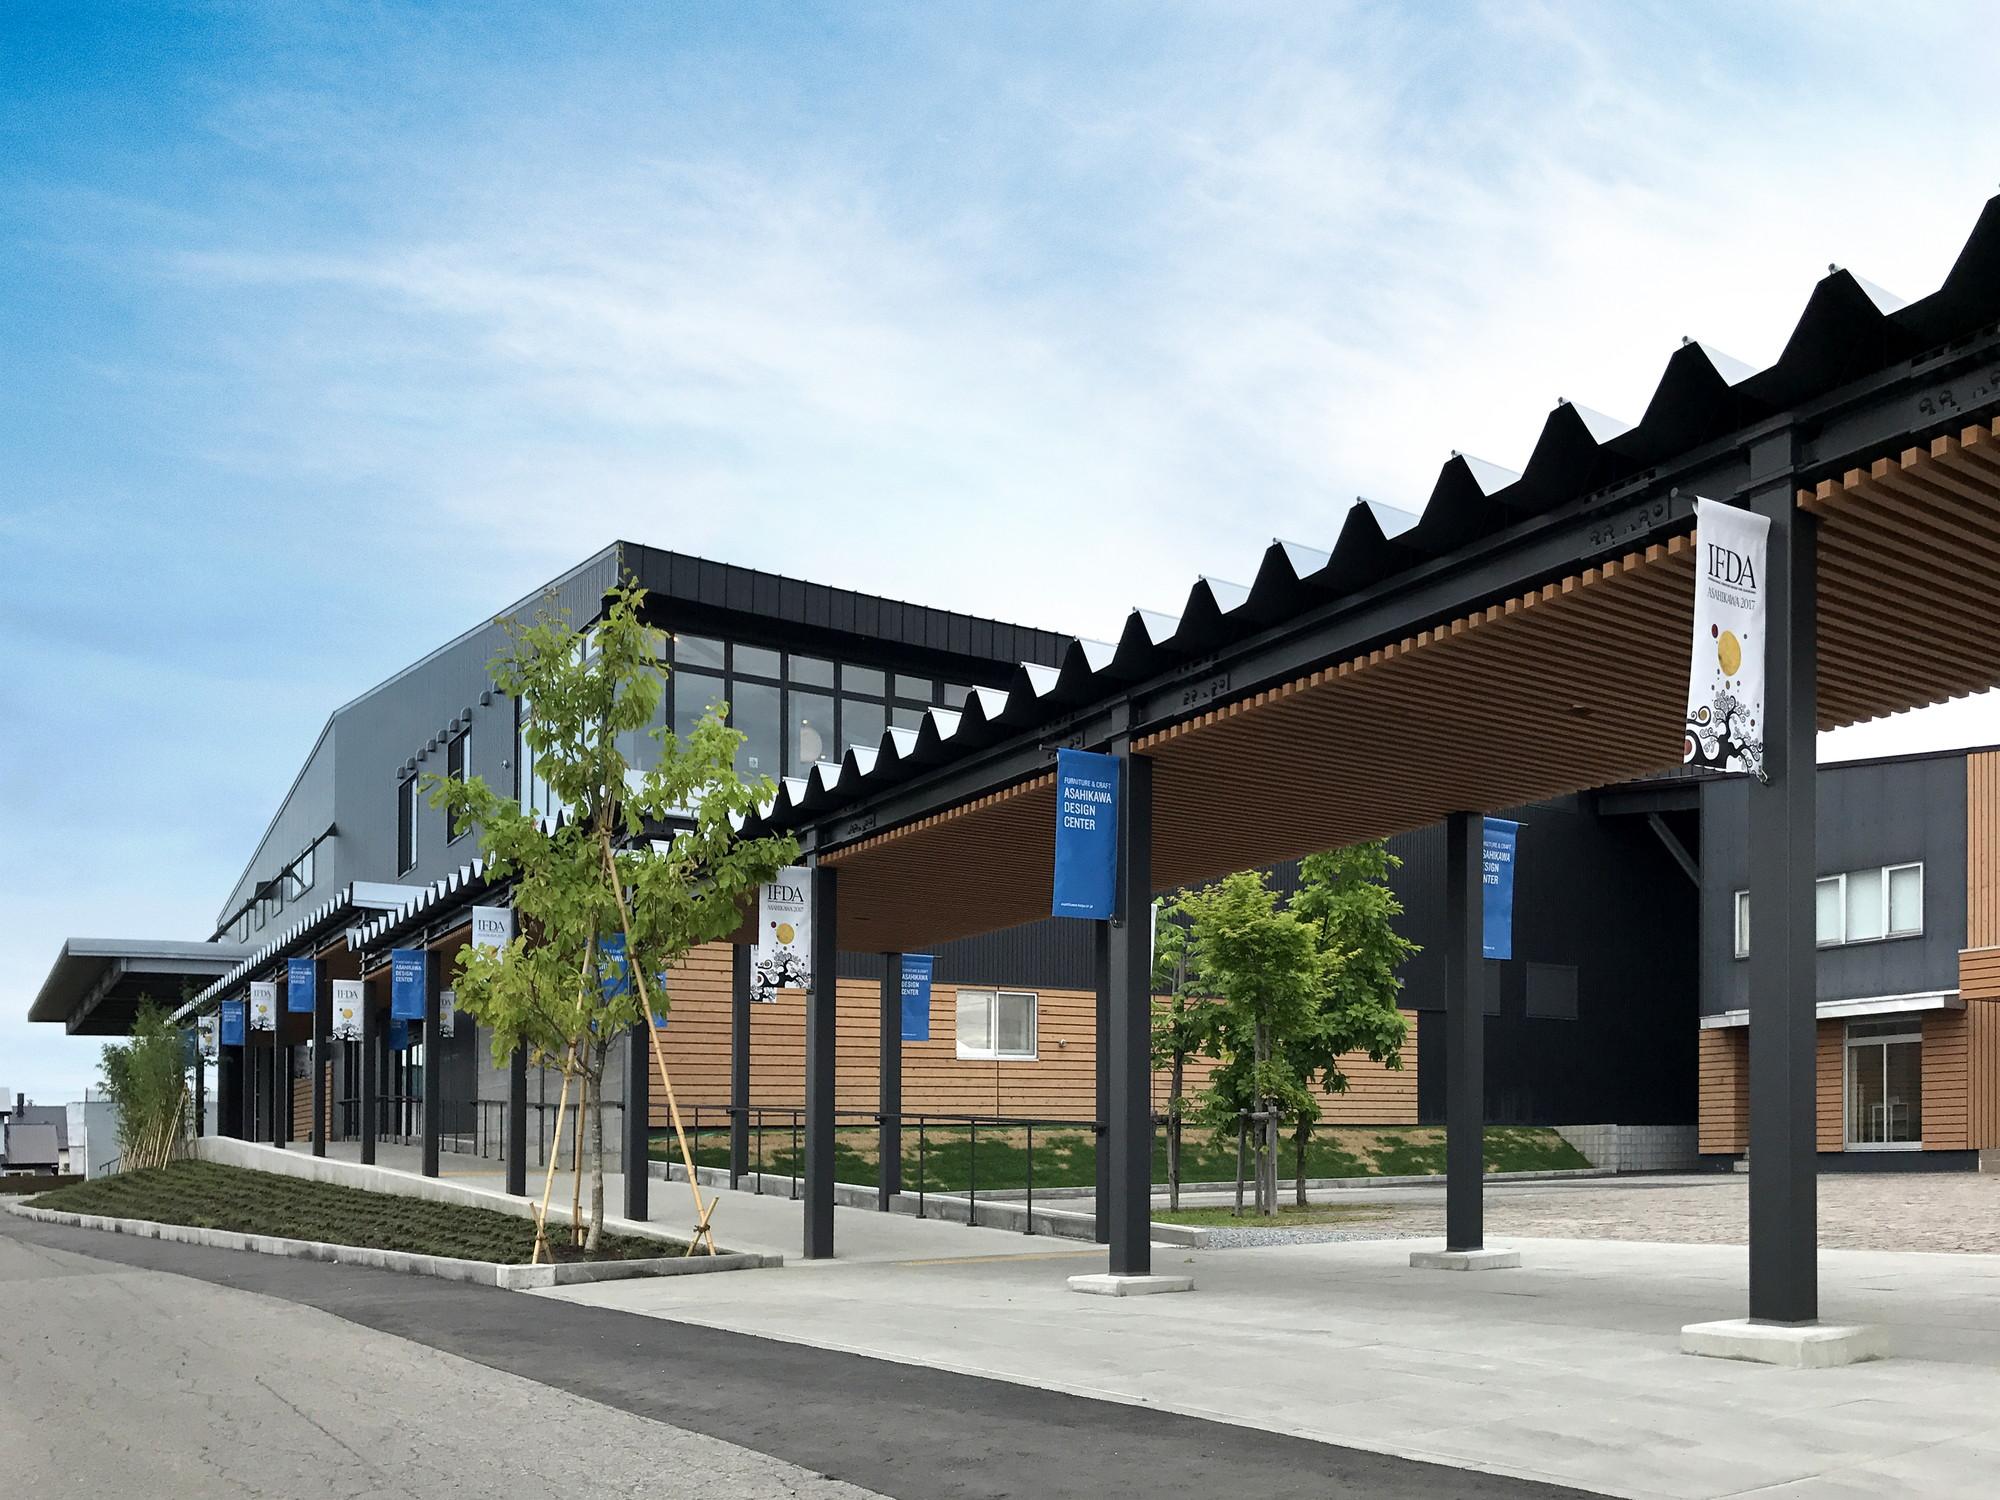 モダンな佇まいで目を引く旭川デザインセンター